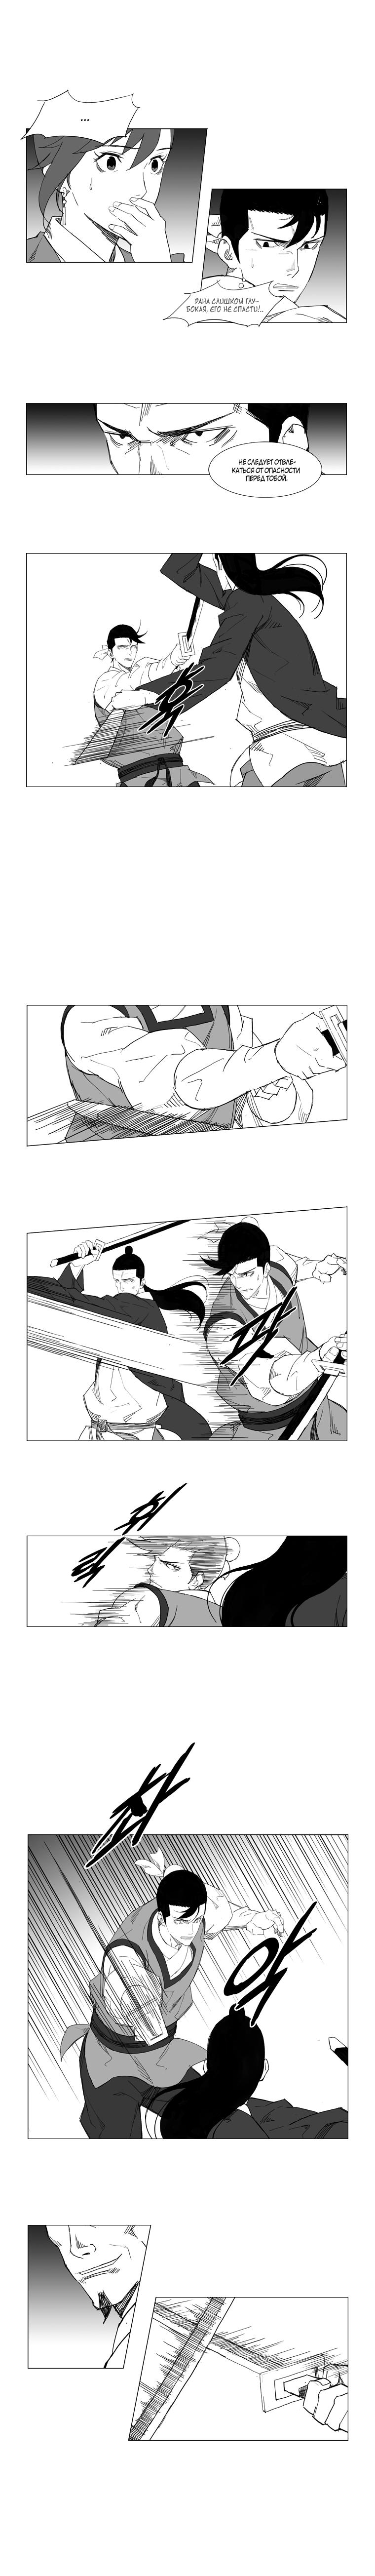 https://r1.ninemanga.com/comics/pic2/39/28263/317097/1485198410998.png Page 3